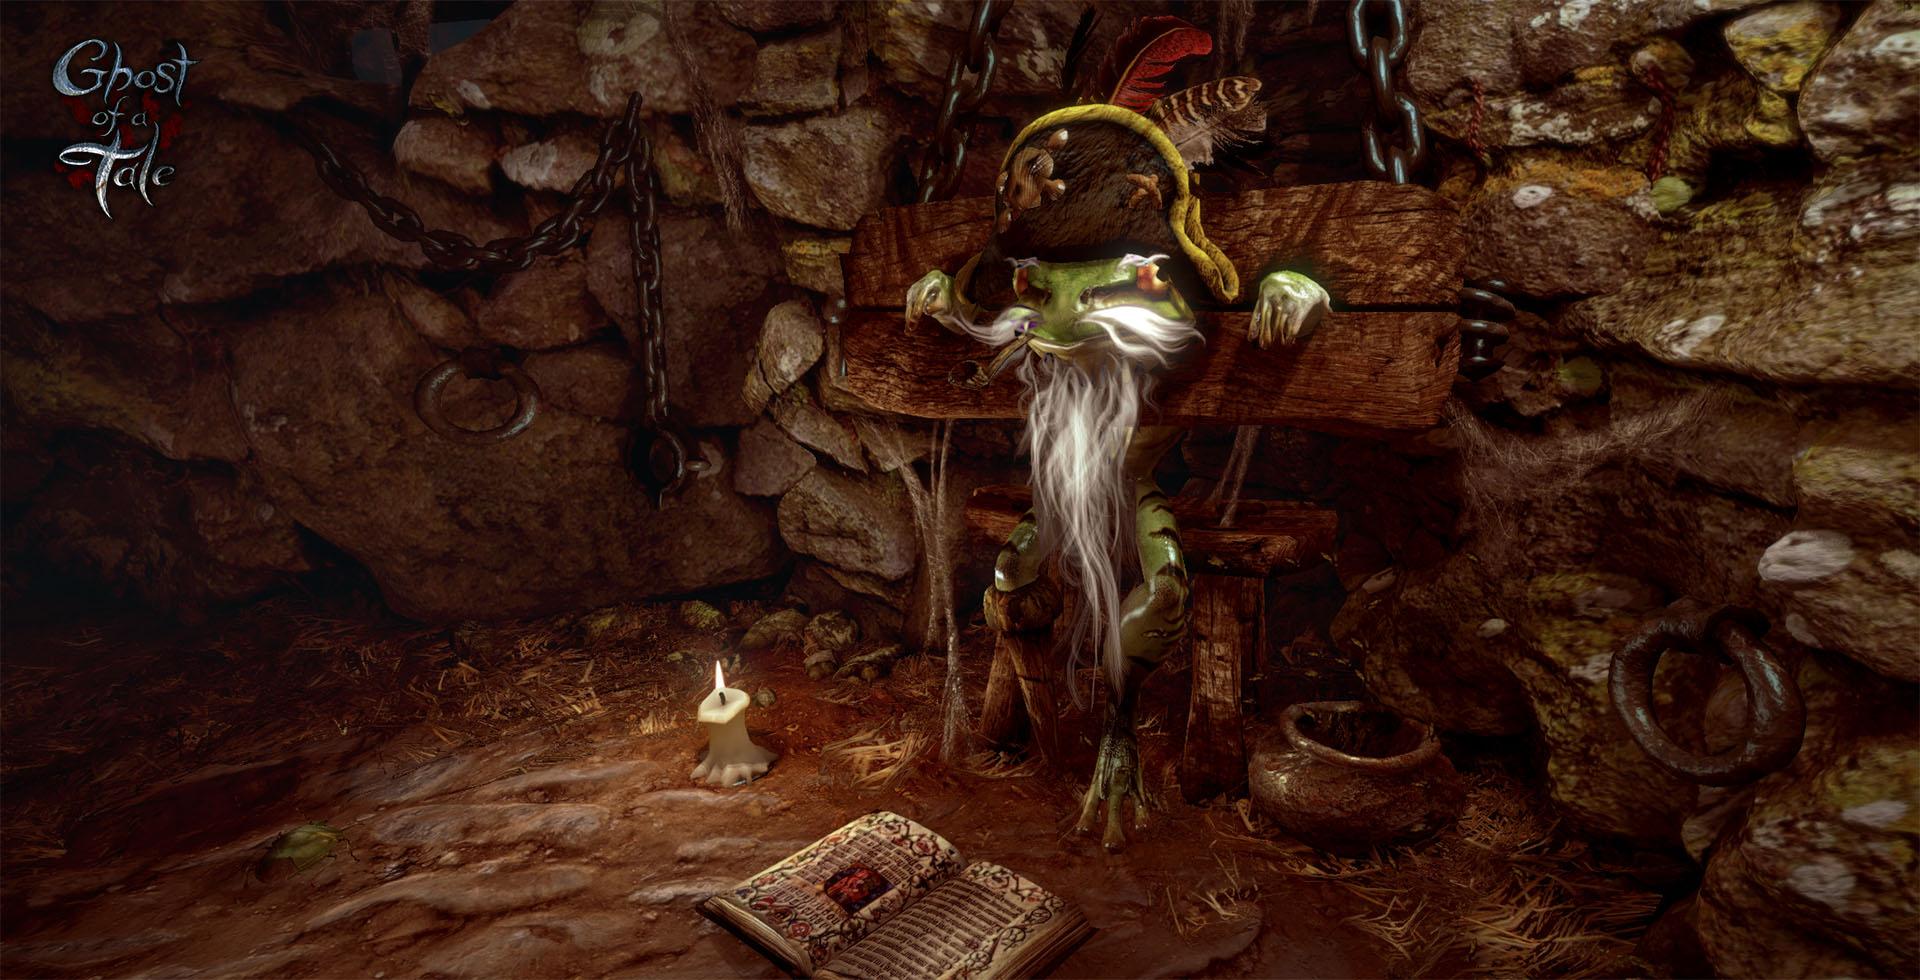 精灵鼠传说/Ghost of a Tale插图5